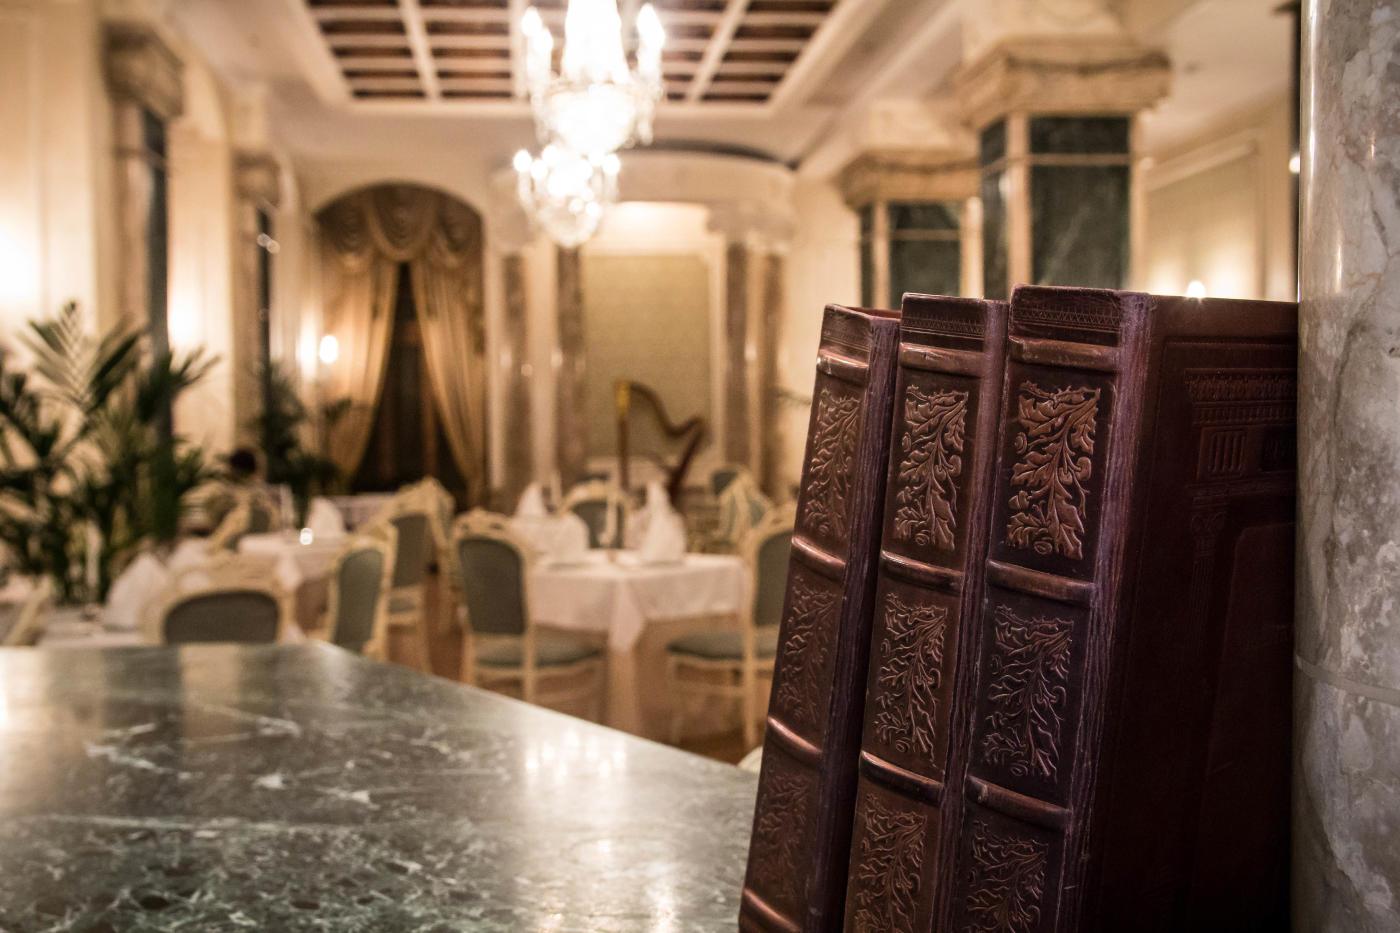 Ресторан Ривьера (Riviere) фото 7